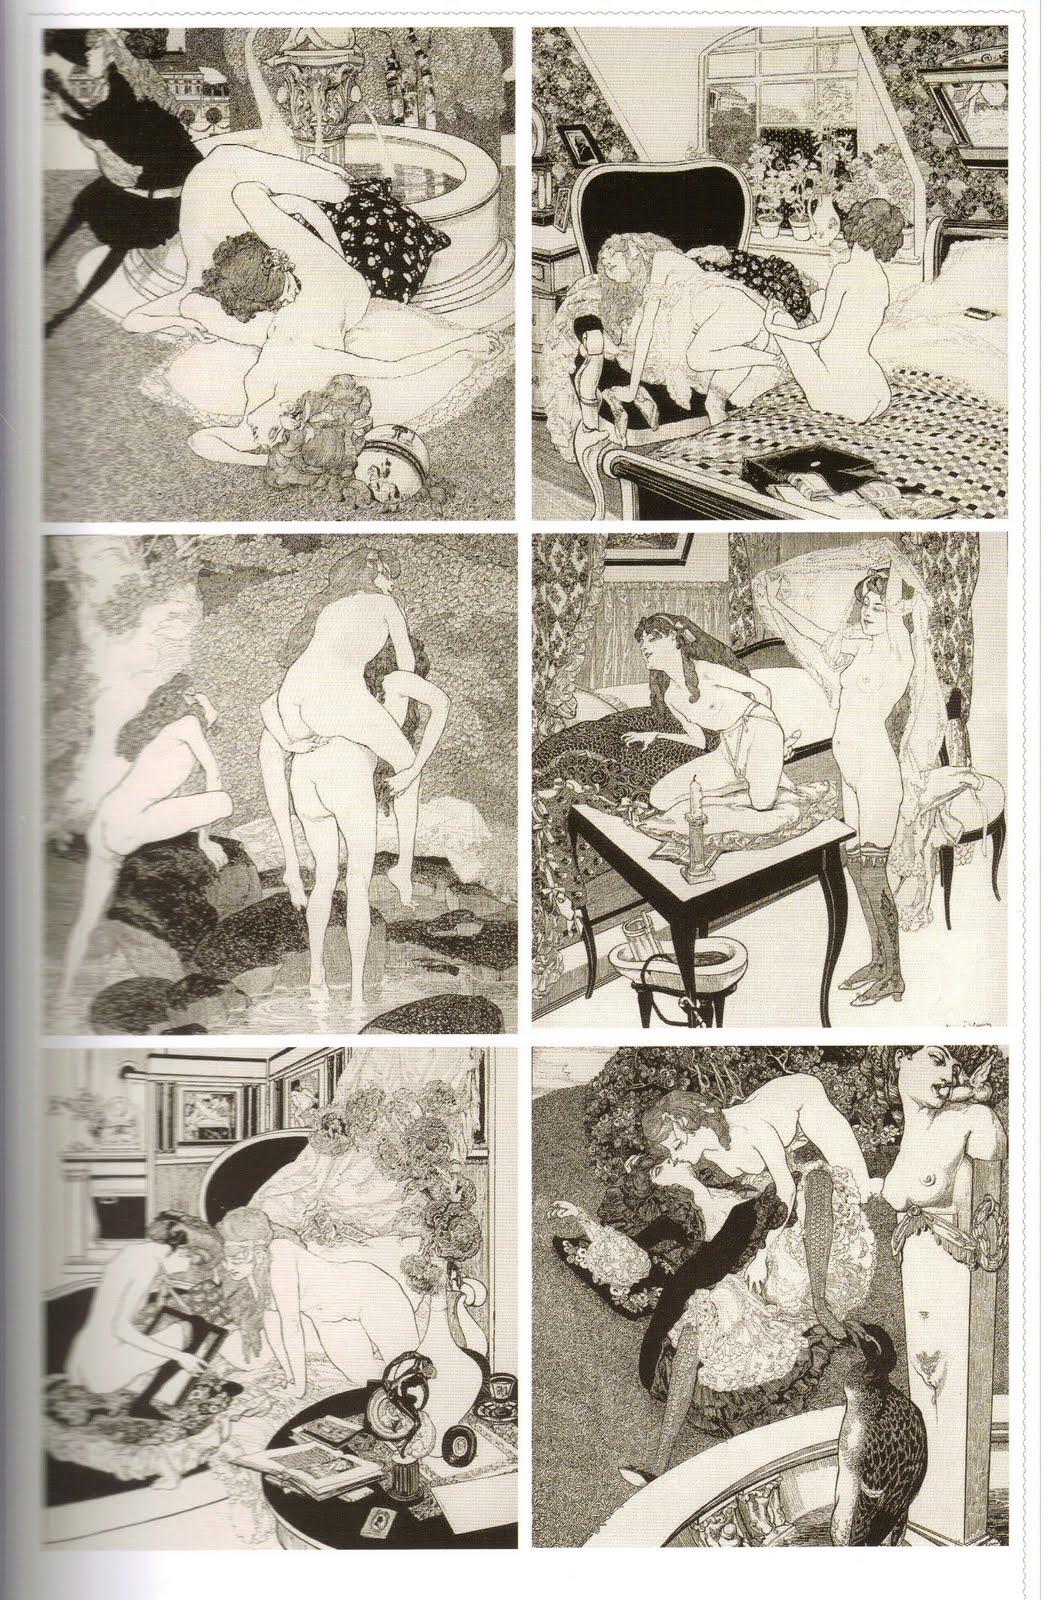 Erotic graphic cartoons